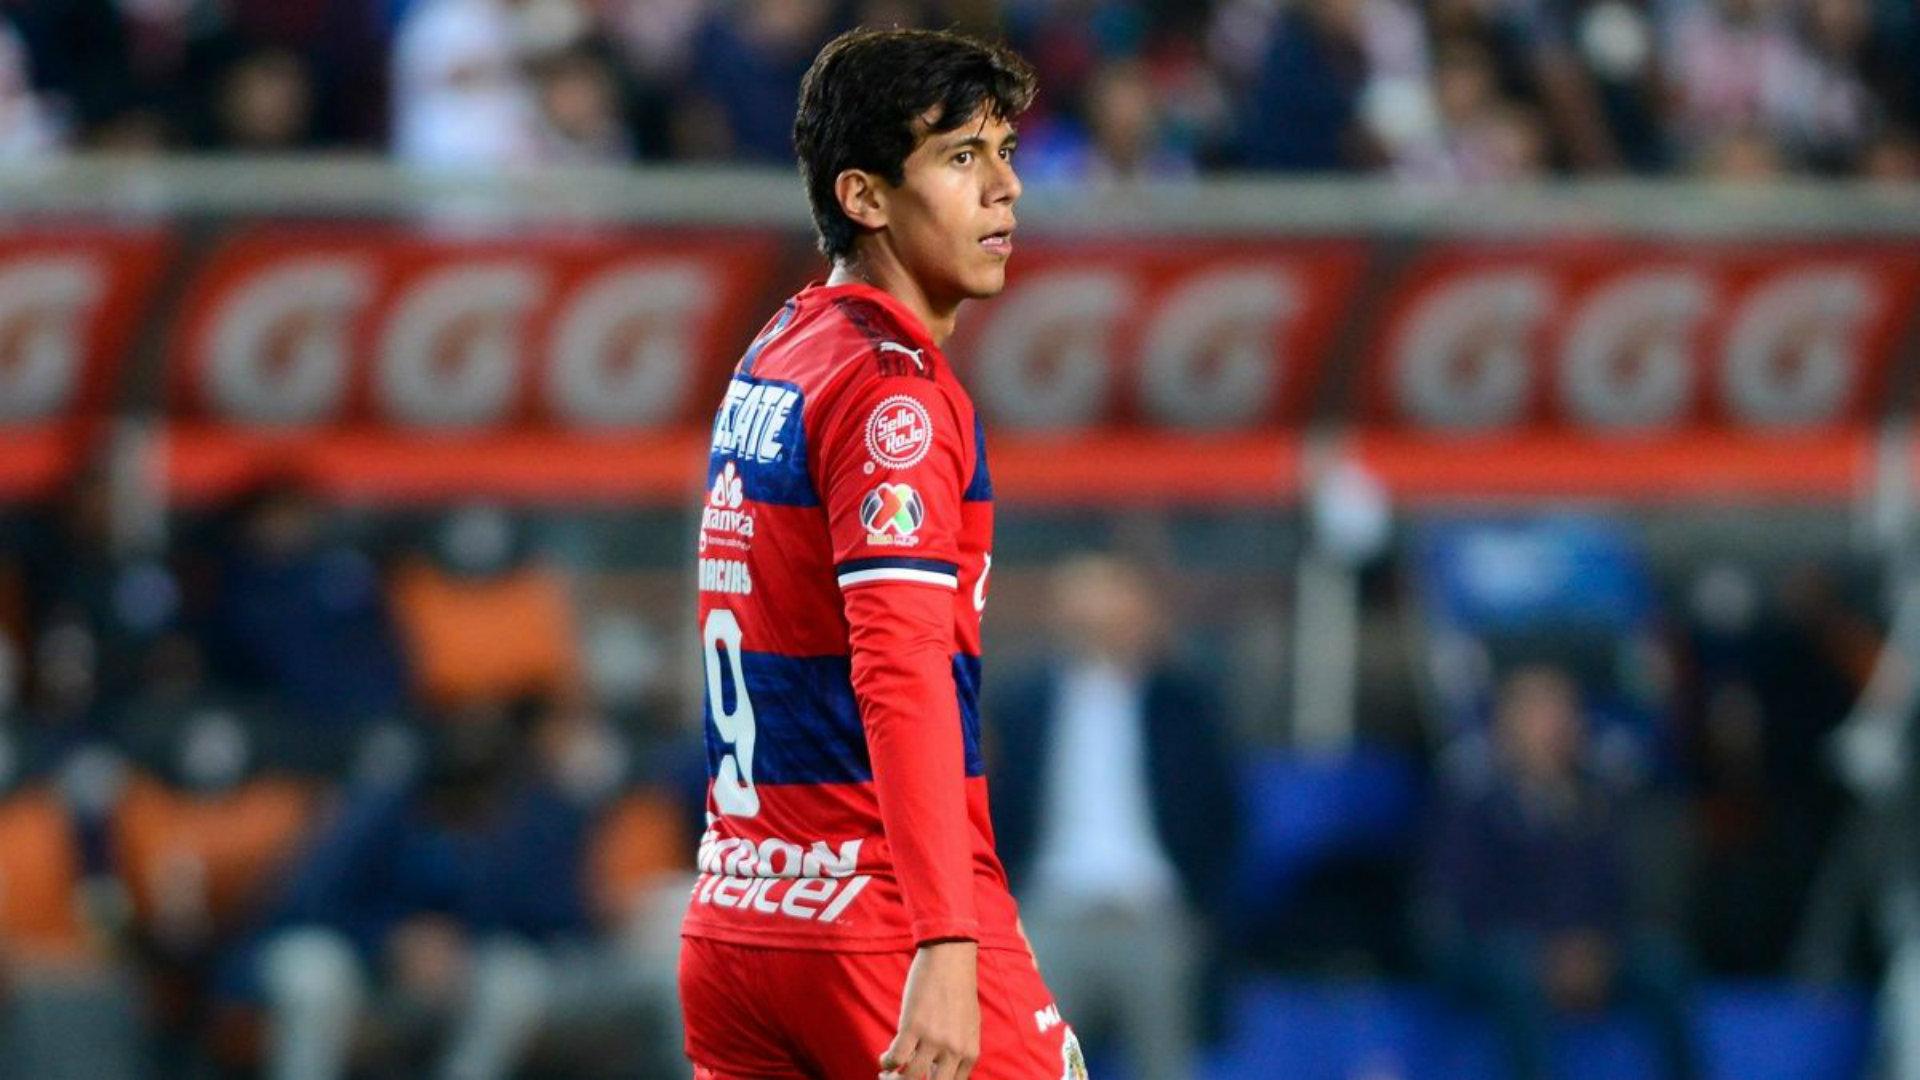 Por qué no jugó José Juan Macías contra Toluca? | Goal.com